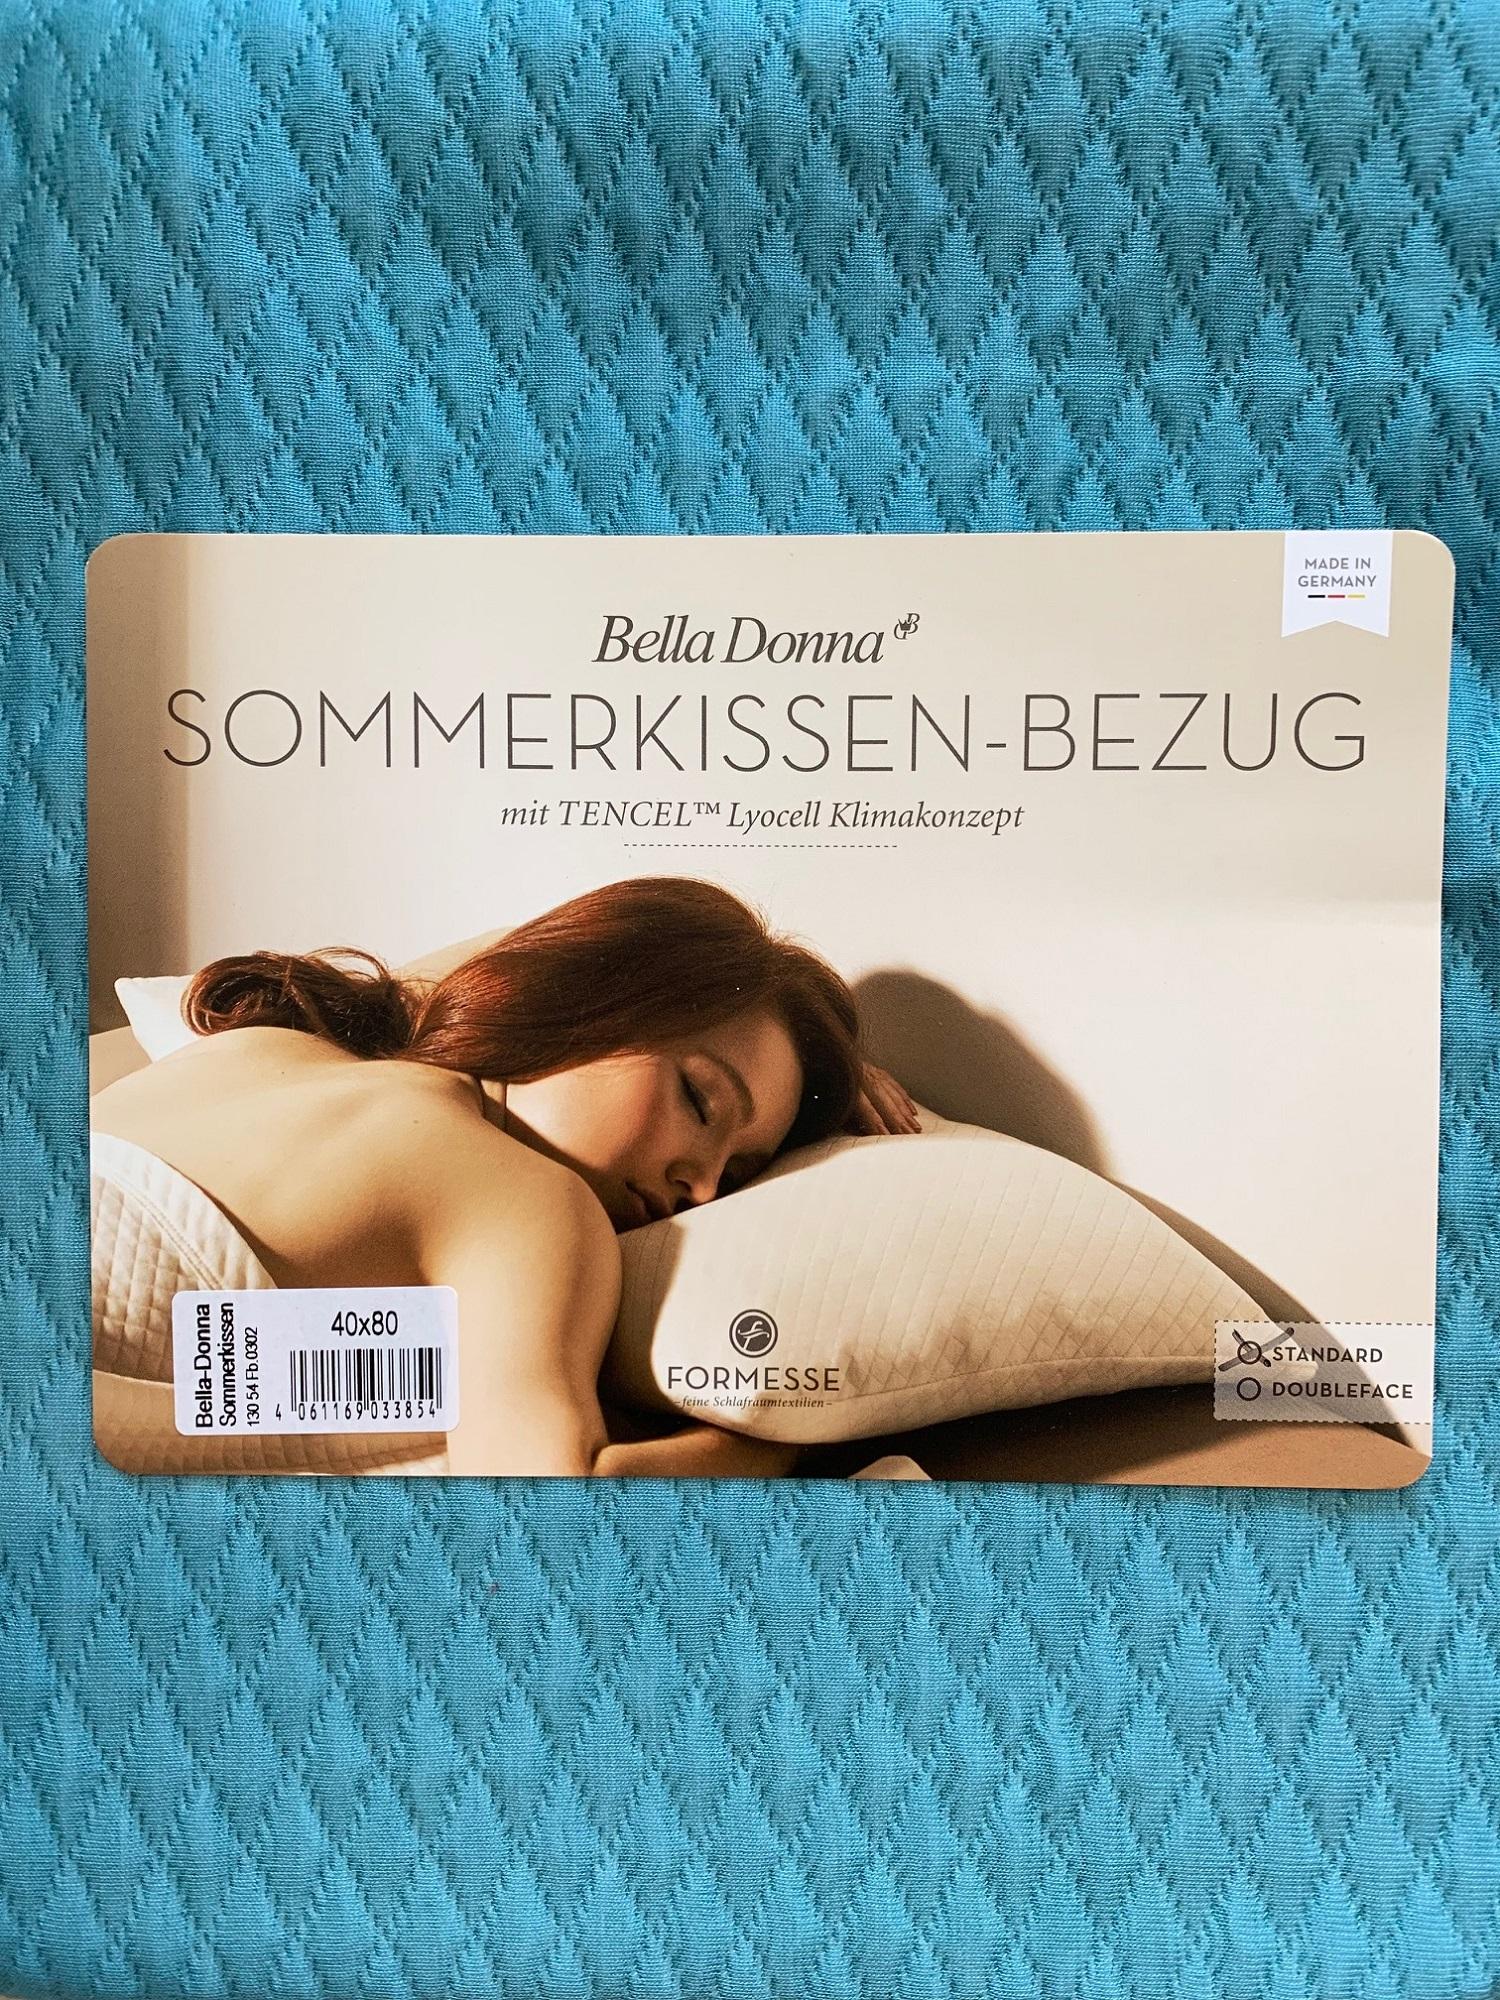 Bella Donna Sommerkissen Bezug Doubleface 40x80 0302 Arktis